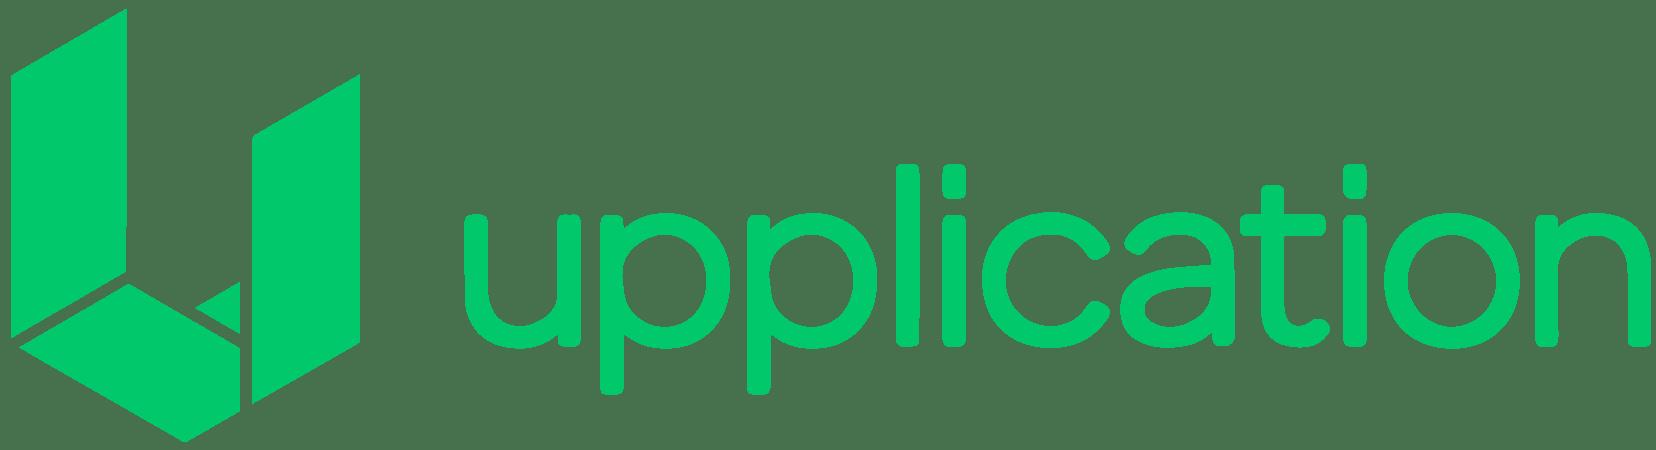 upplication_logo_crea_una_app_02